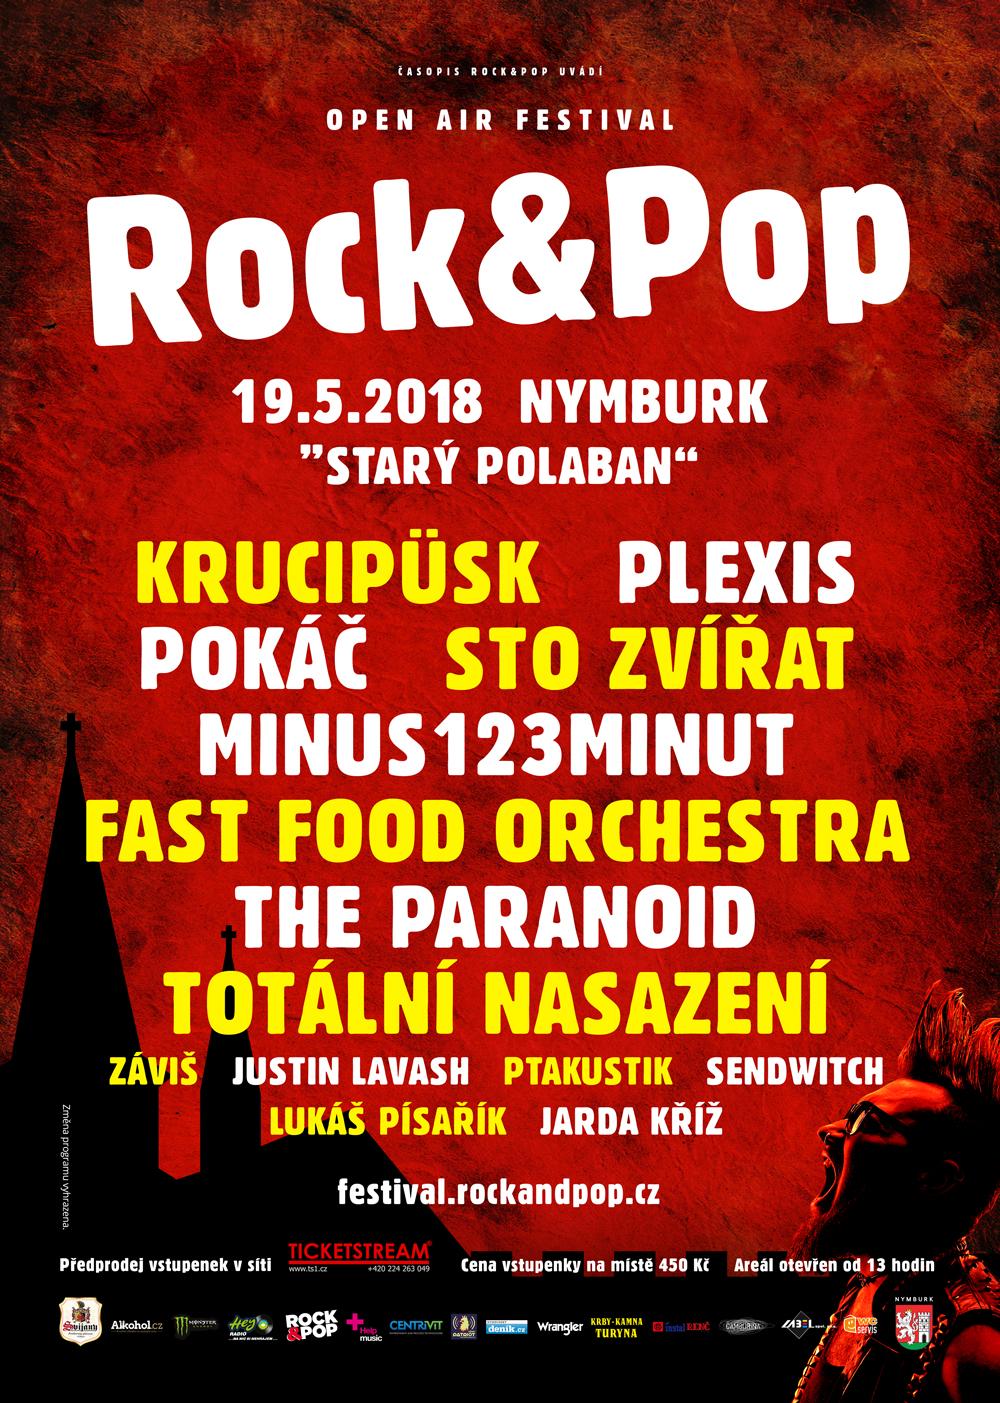 Časopis Rock&Pop oslaví osmadvacáté narozeniny!